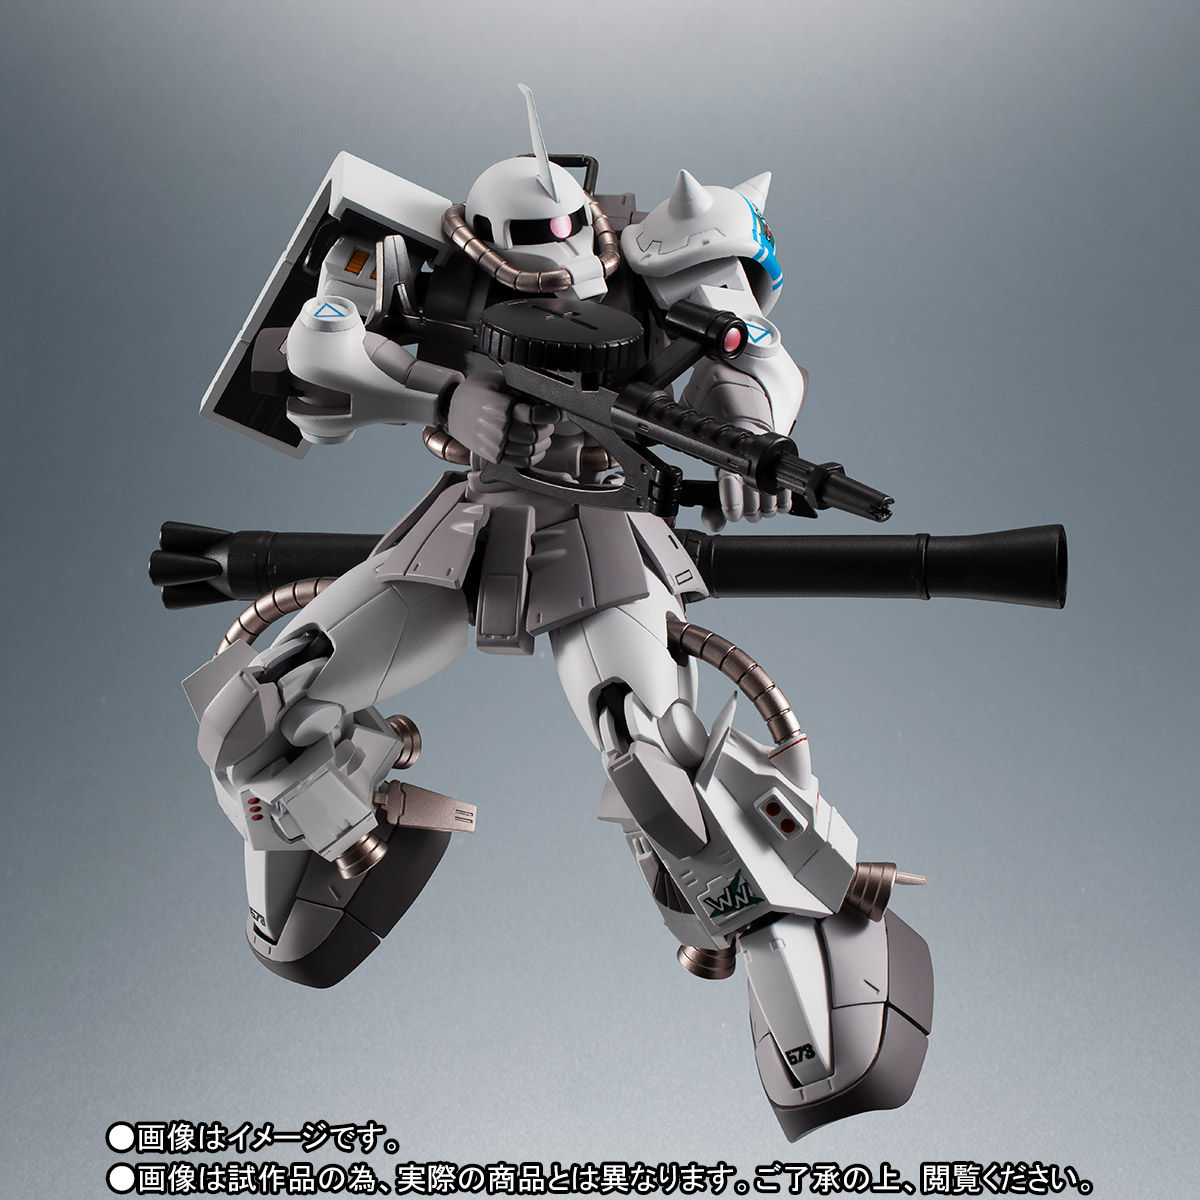 【限定販売】ROBOT魂〈SIDE MS〉『MS-06R-1A シン・マツナガ専用高機動型ザクII ver. A.N.I.M.E.』ガンダムMSV 可動フィギュア-009